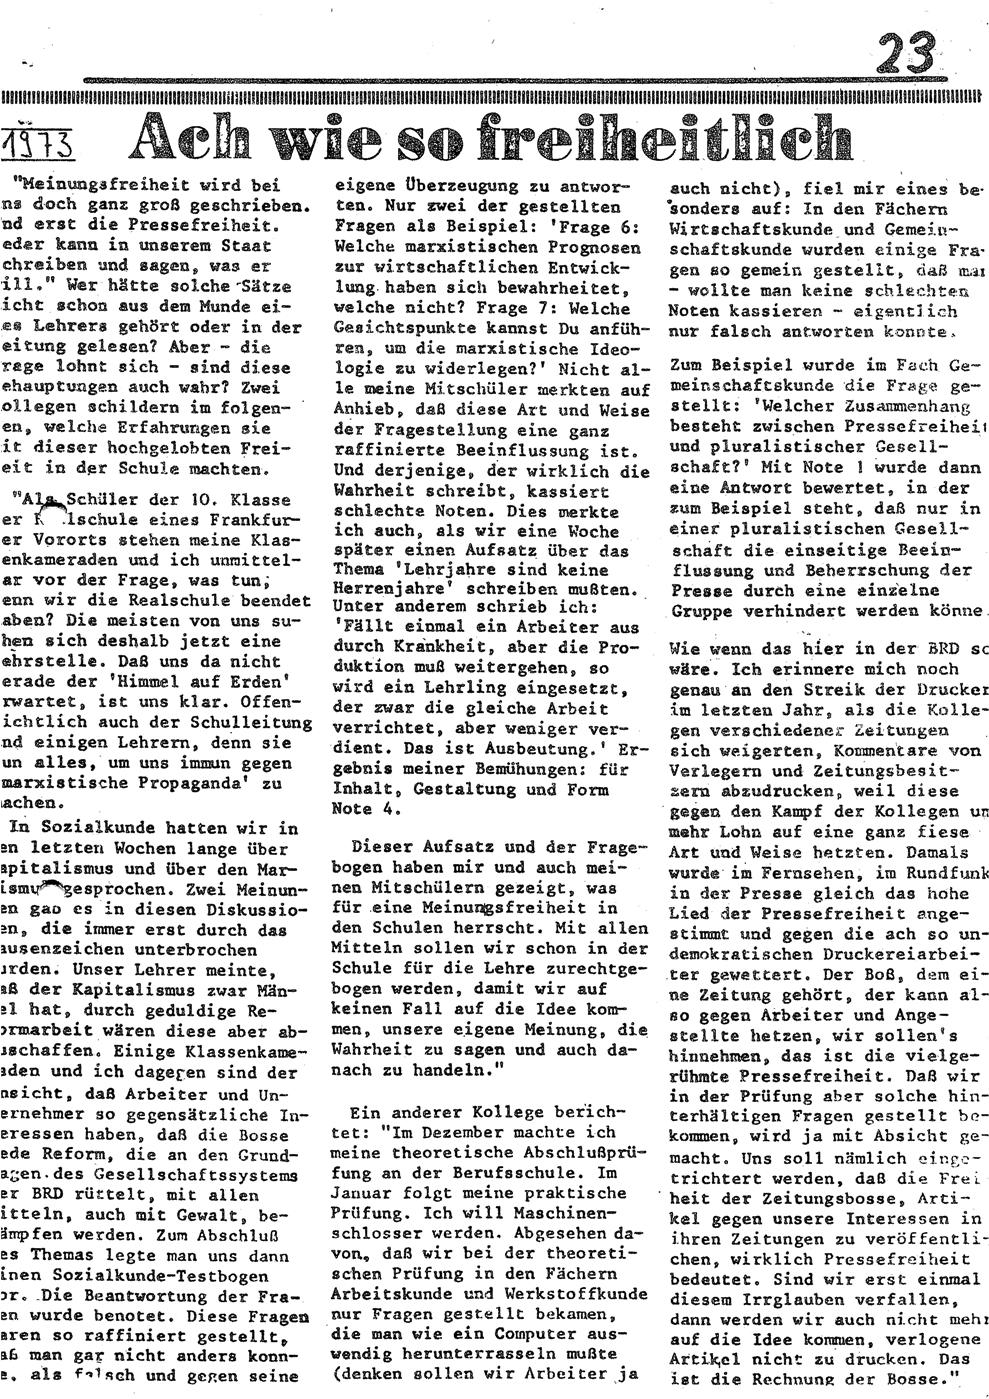 KABRW_Arbeitshefte_1977_25_022